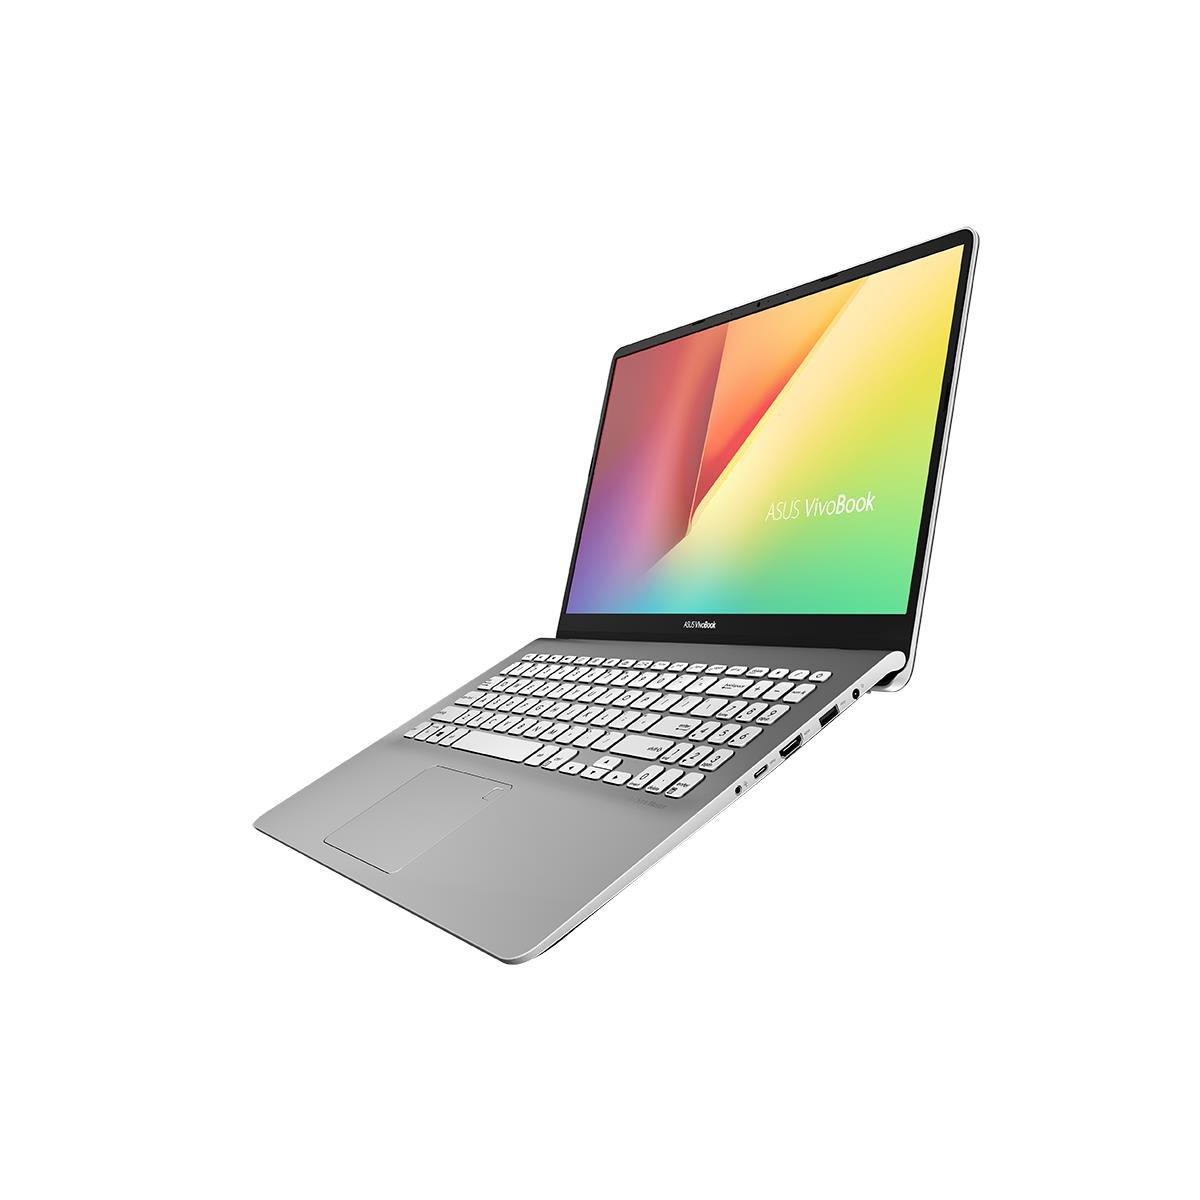 ASUS VivoBook S15 s530uf-br096t 1.8 GHz i7 - 8550u 15.6 1920 x 1080pixel Gris, metálico Ordenador Portatil: Amazon.es: Electrónica